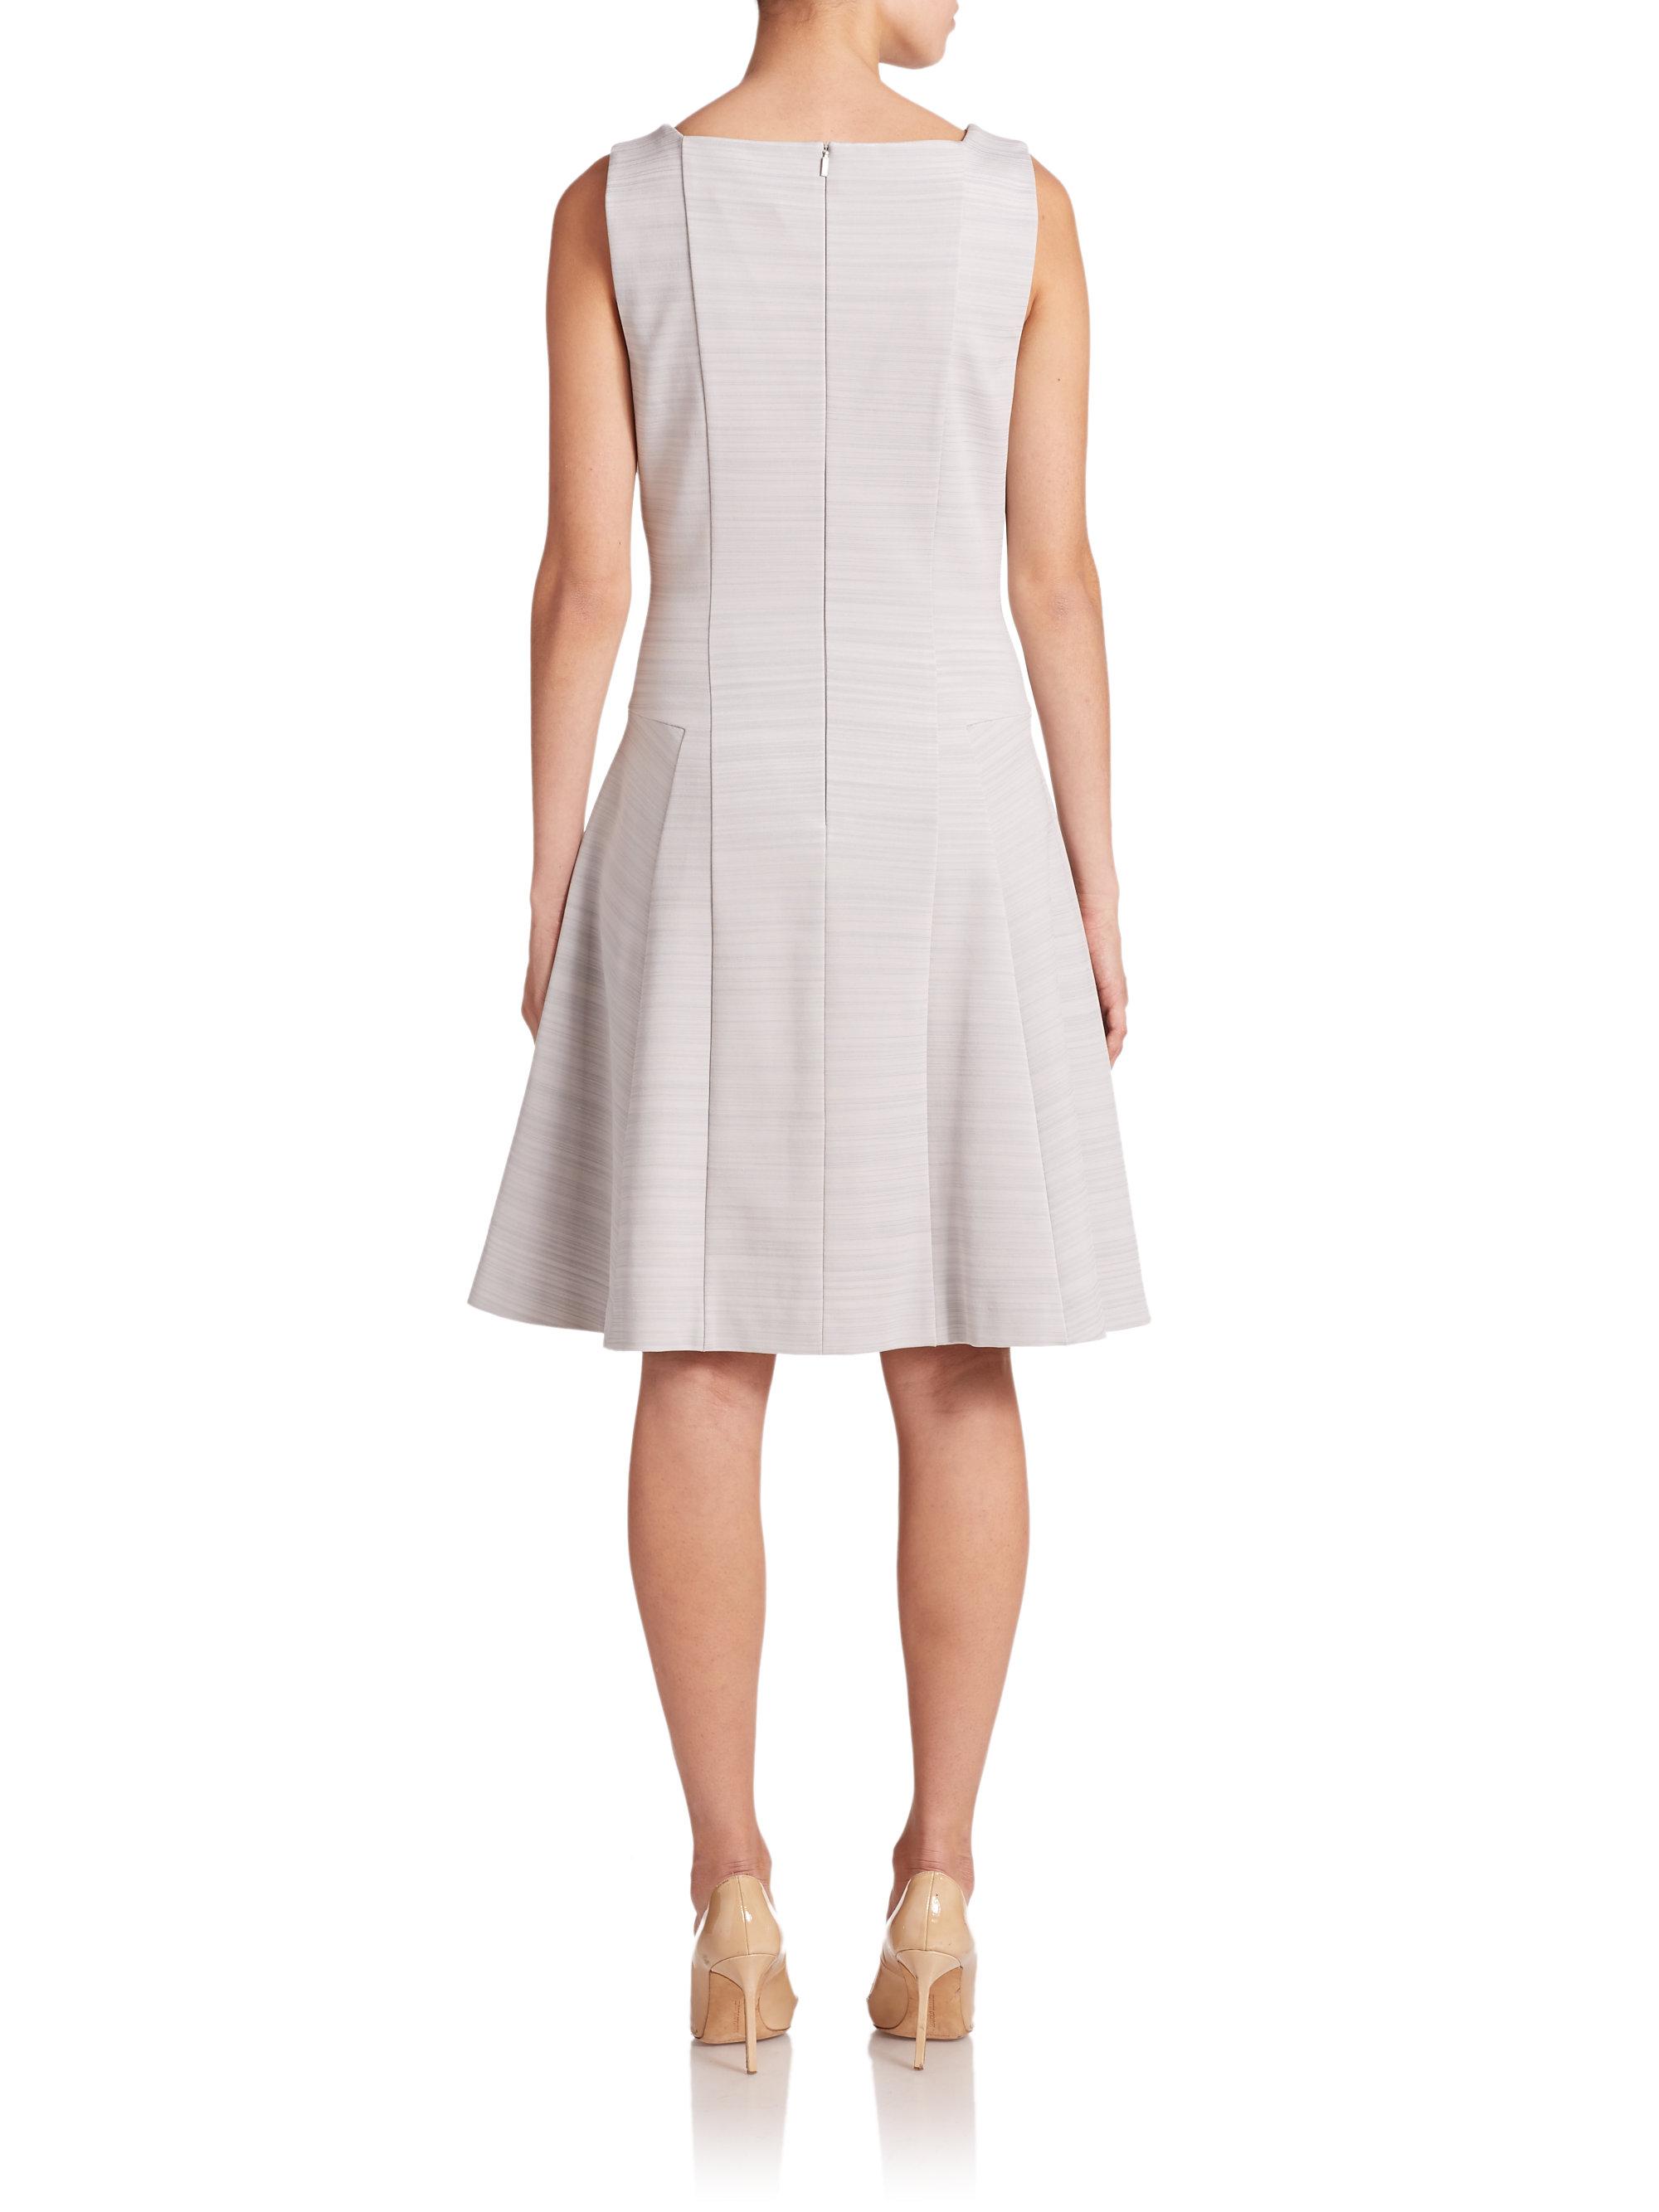 5308eecc1f7 Lyst - BOSS Hirene Dress in Gray